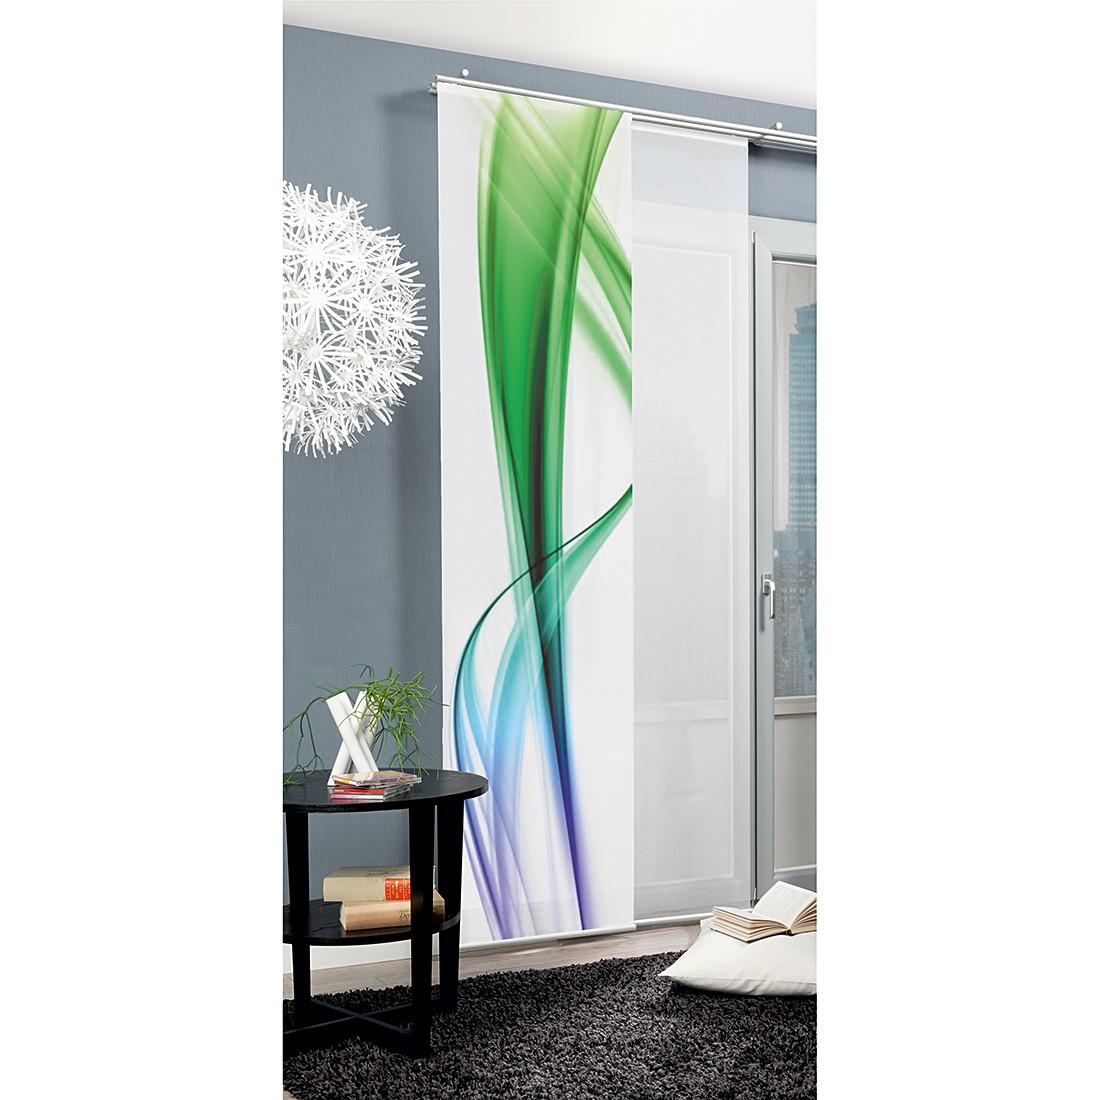 Schiebevorhang Failand – Blau / Grün, Home Wohnideen günstig